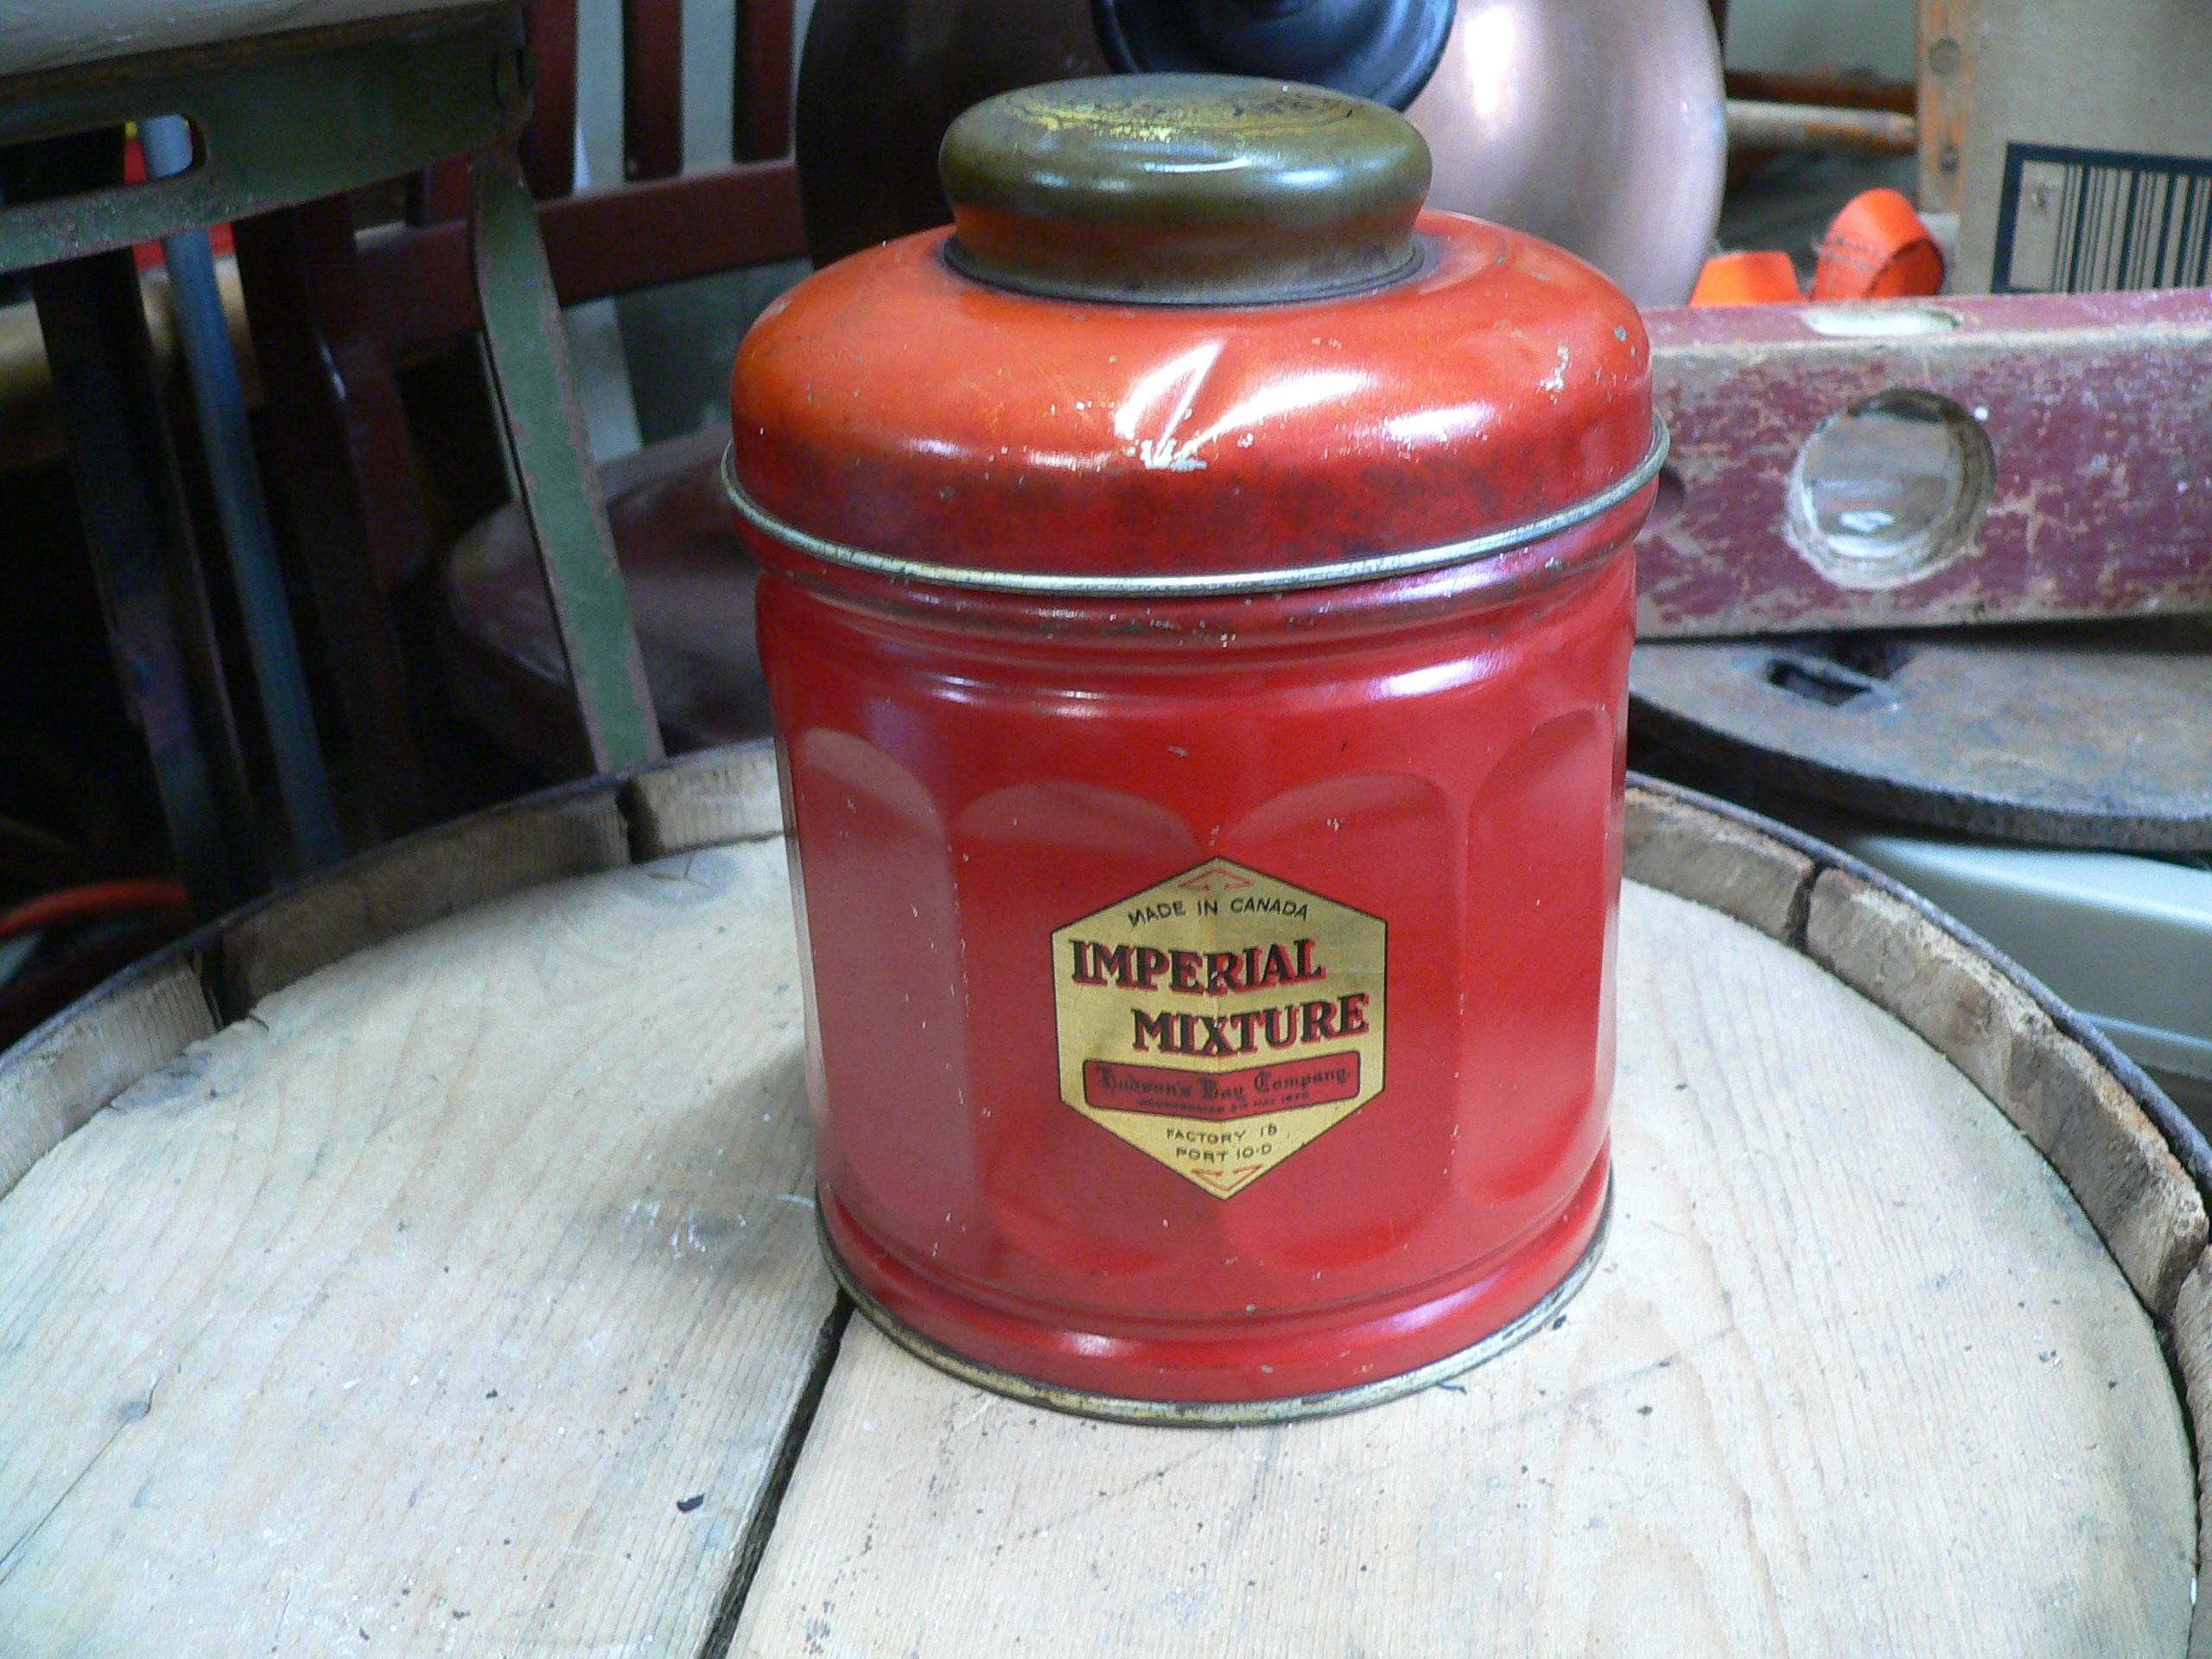 Canne de tabac antique impérial mixture de la bay d'hudson # 7311.5